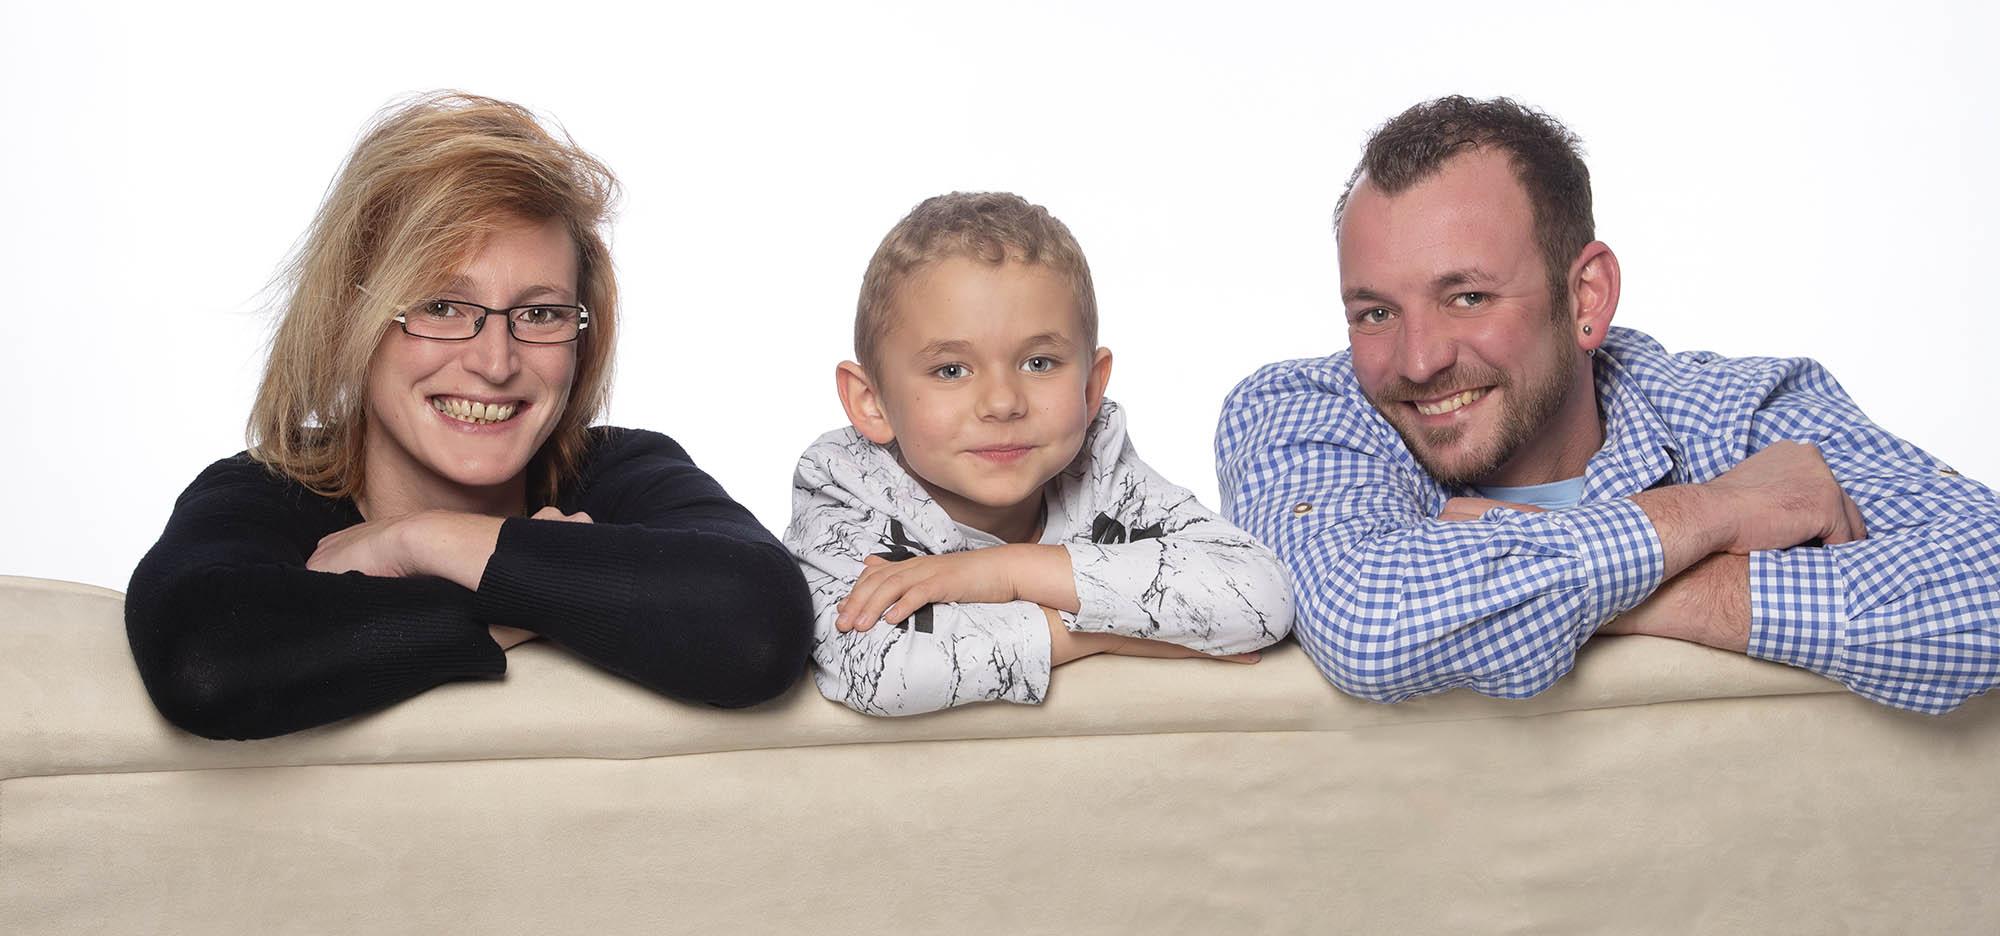 Familie-Traunstein-Familienfoto-Studio-Weihnachten-Geschenk-003